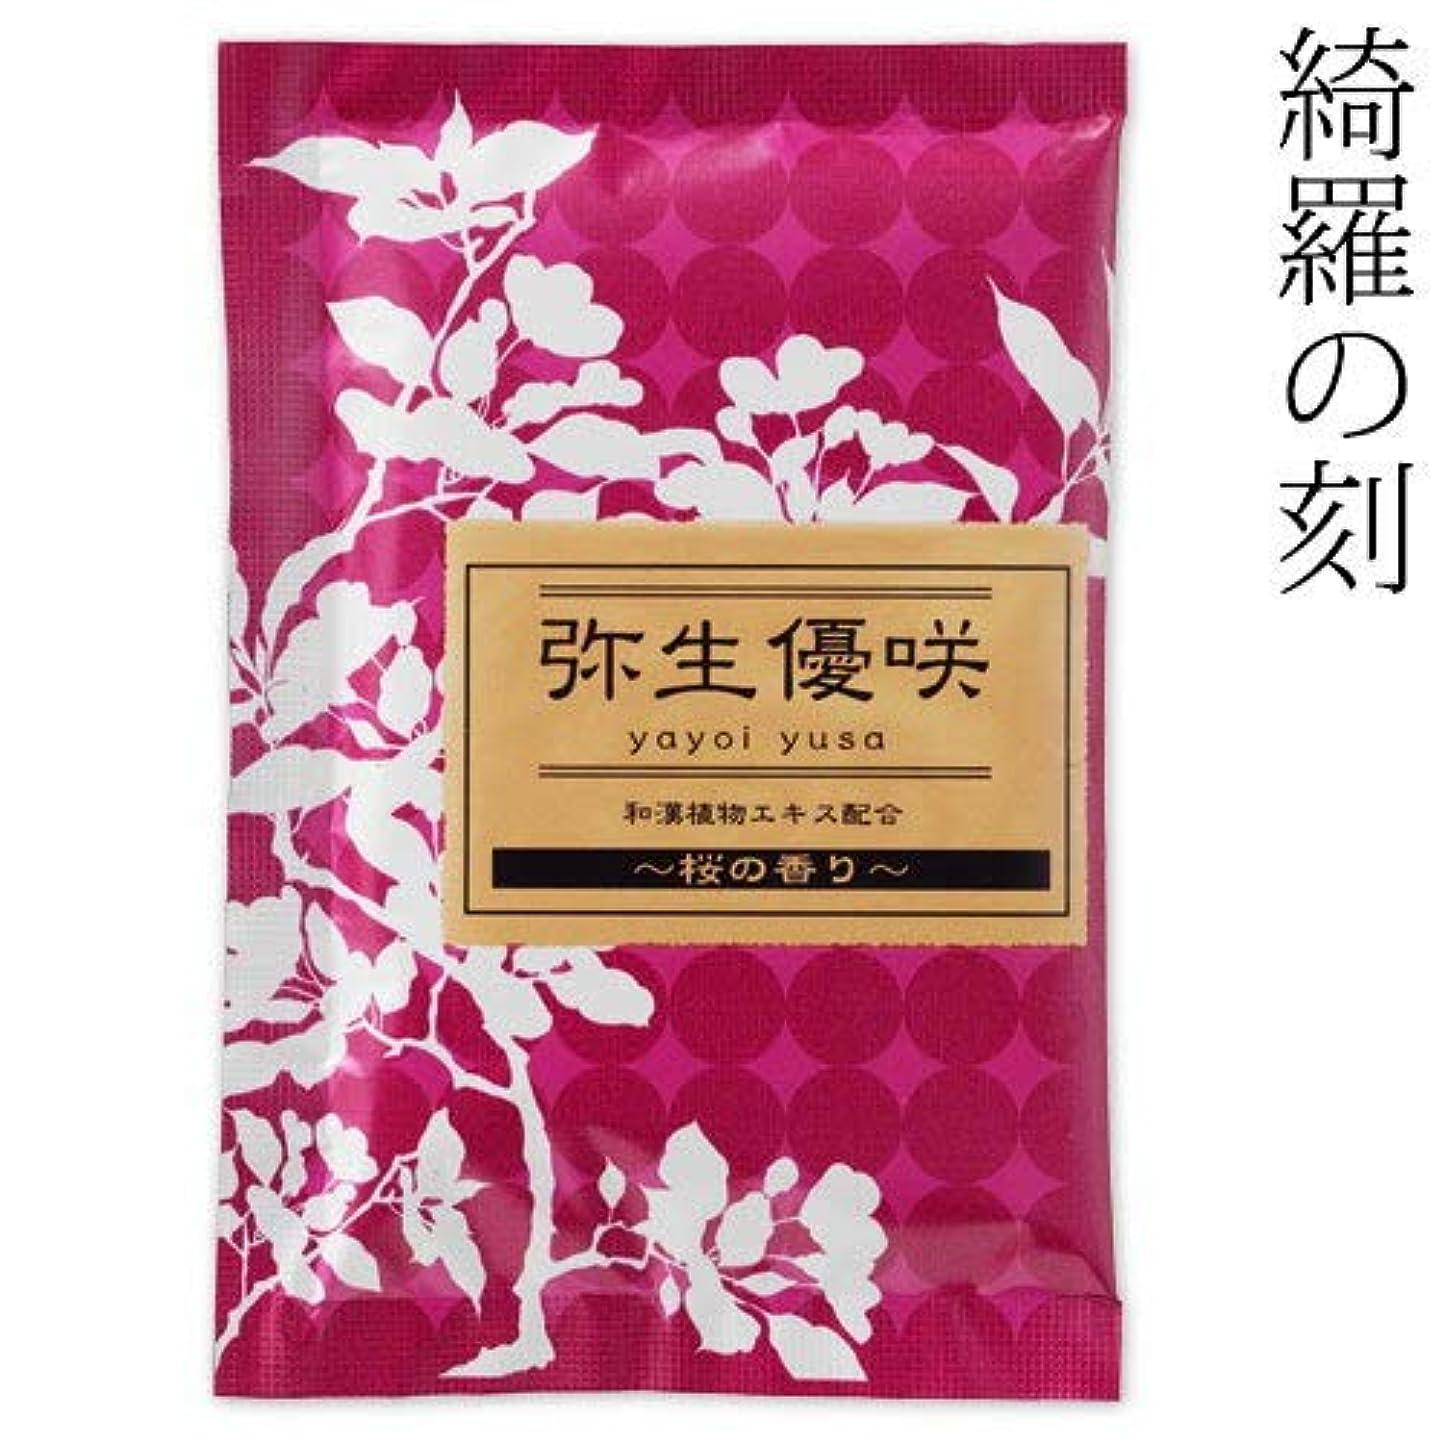 争う依存するメッシュ入浴剤綺羅の刻桜の香り弥生優咲1包石川県のお風呂グッズBath additive, Ishikawa craft